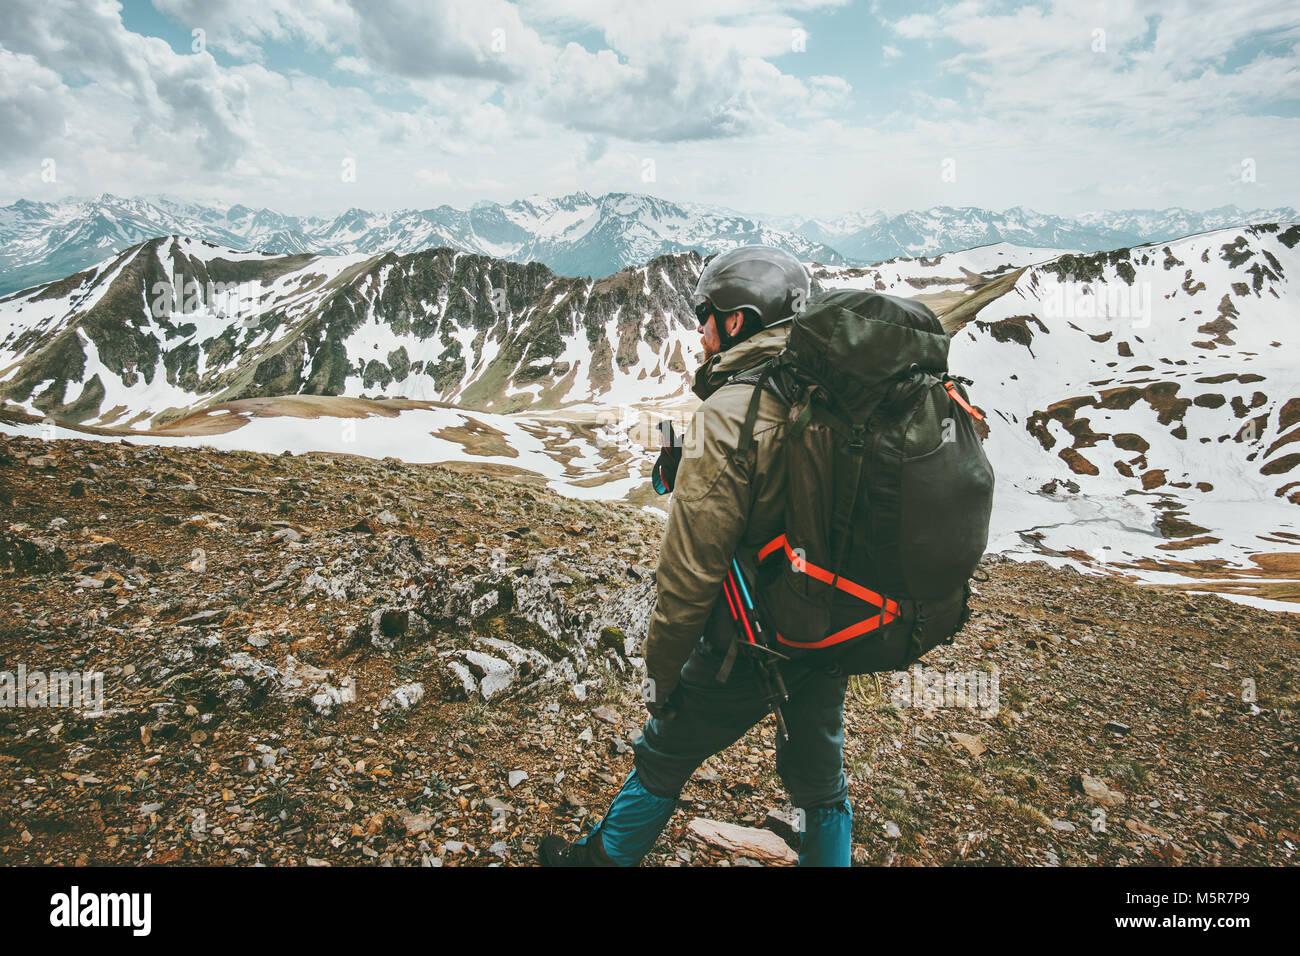 Sac à dos homme traveler avec de grandes randonnées en montagne lors de voyages aventure concept de vie Photo Stock